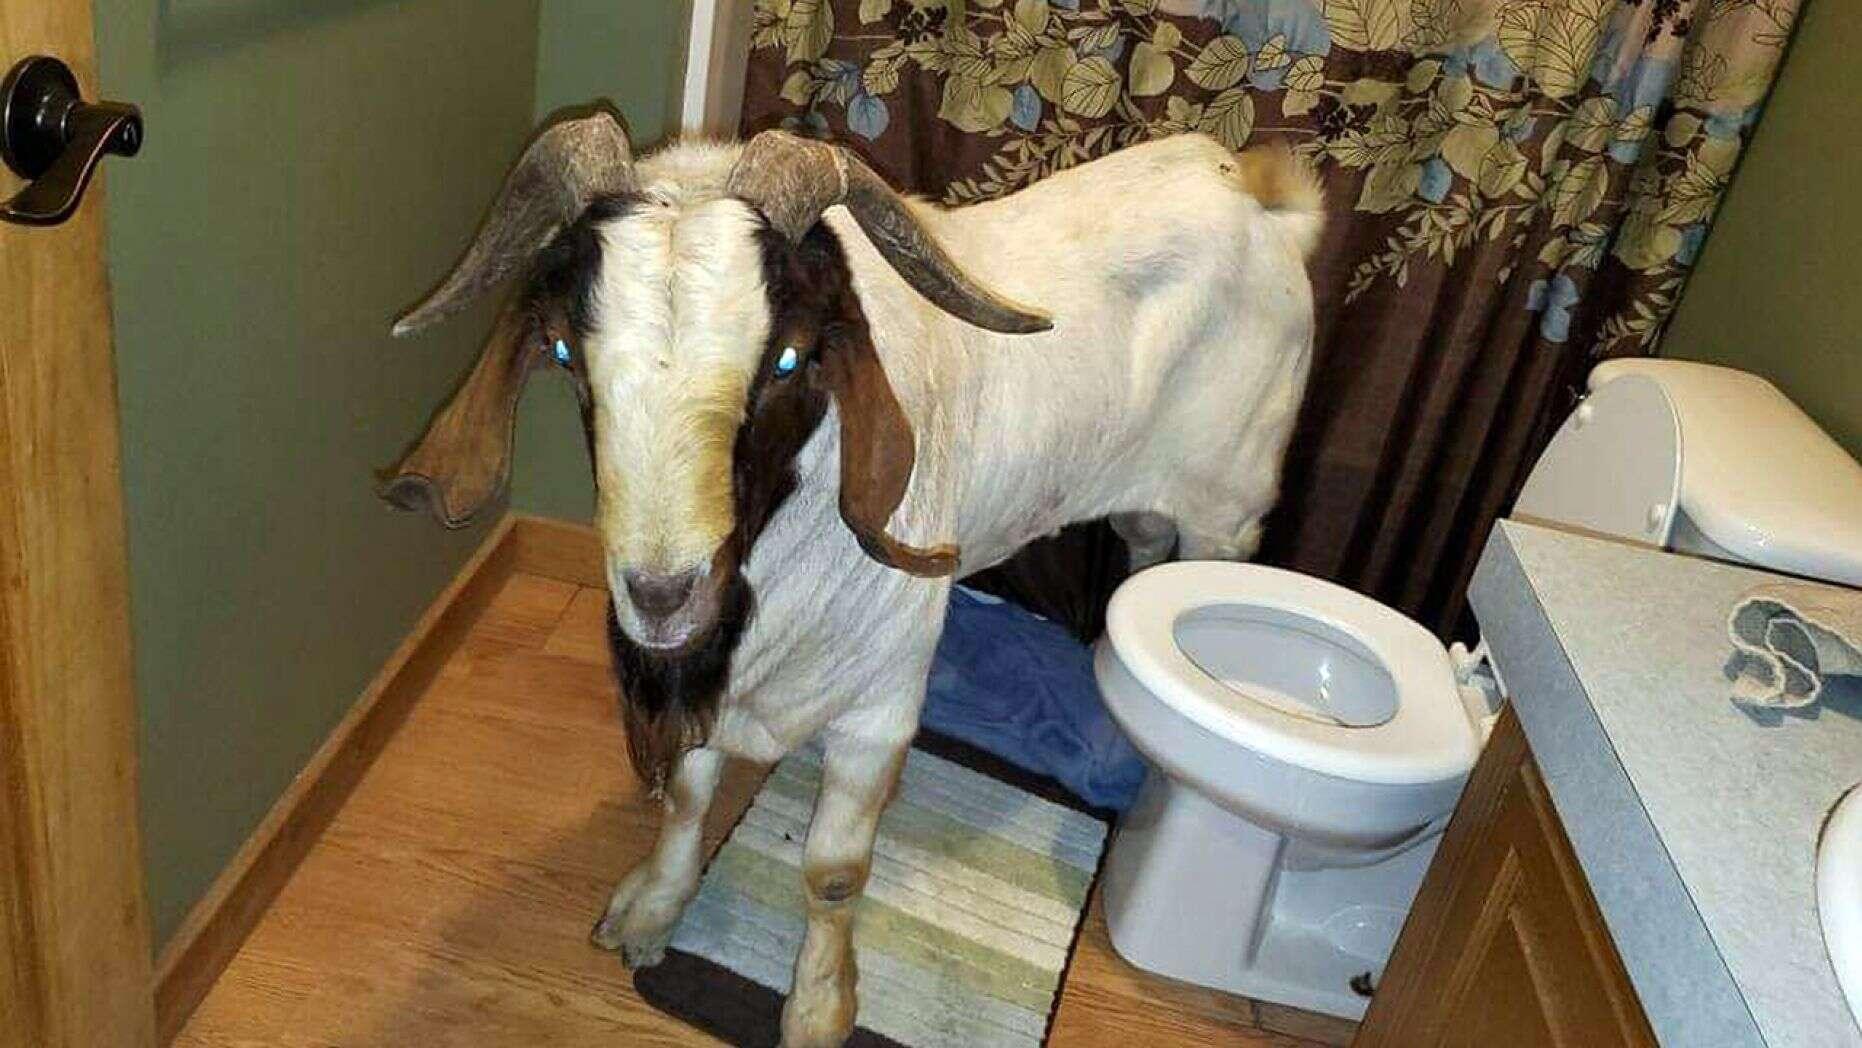 Un bouc entre par effraction dans une maison et s'endort dans la salle de bain